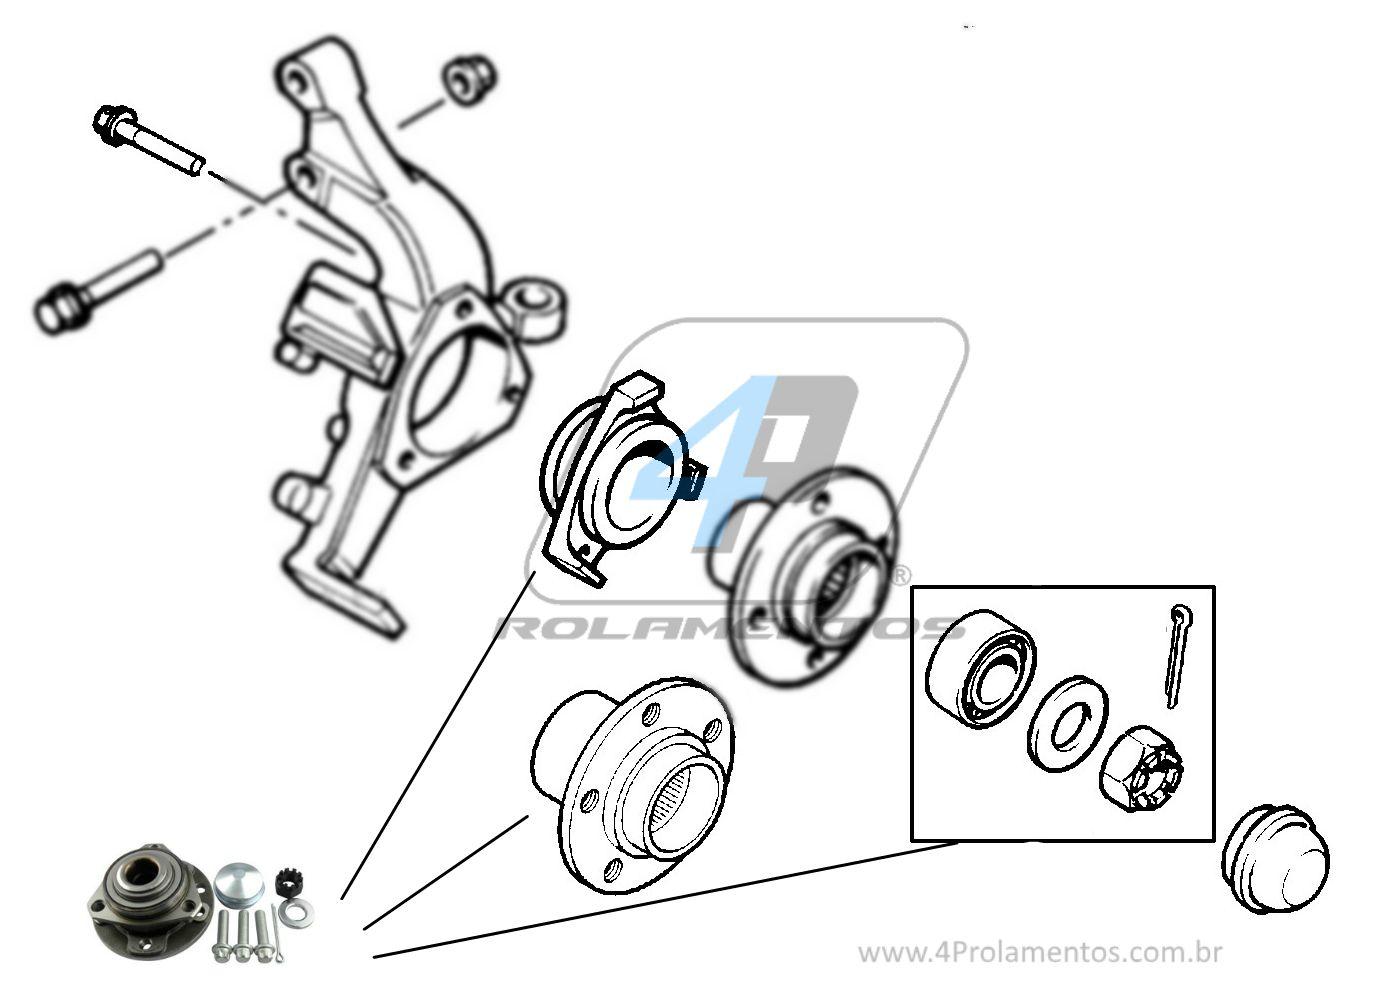 Cubo de Roda Dianteira CHEVROLET Zafira 1999 até 2012, 5 Furos, sem ABS.